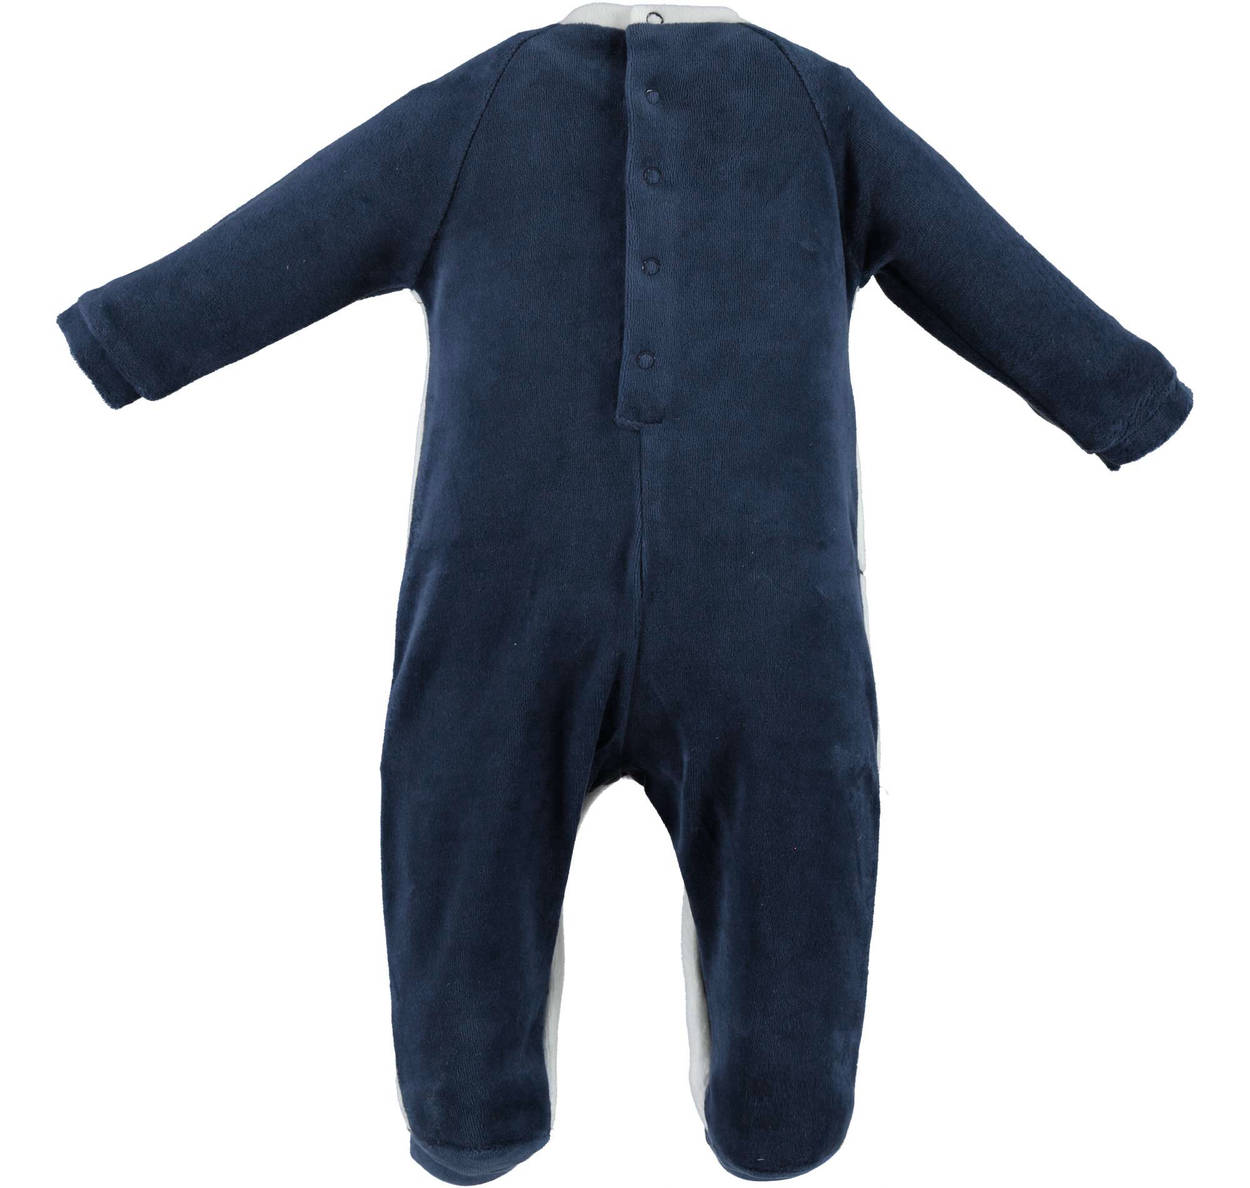 1752d8fda0b Φορμάκι ολόσωμο βελουτέ-λευκό-μπλε-IDOmini-4V206 | Έπιπλο παιδικό ...